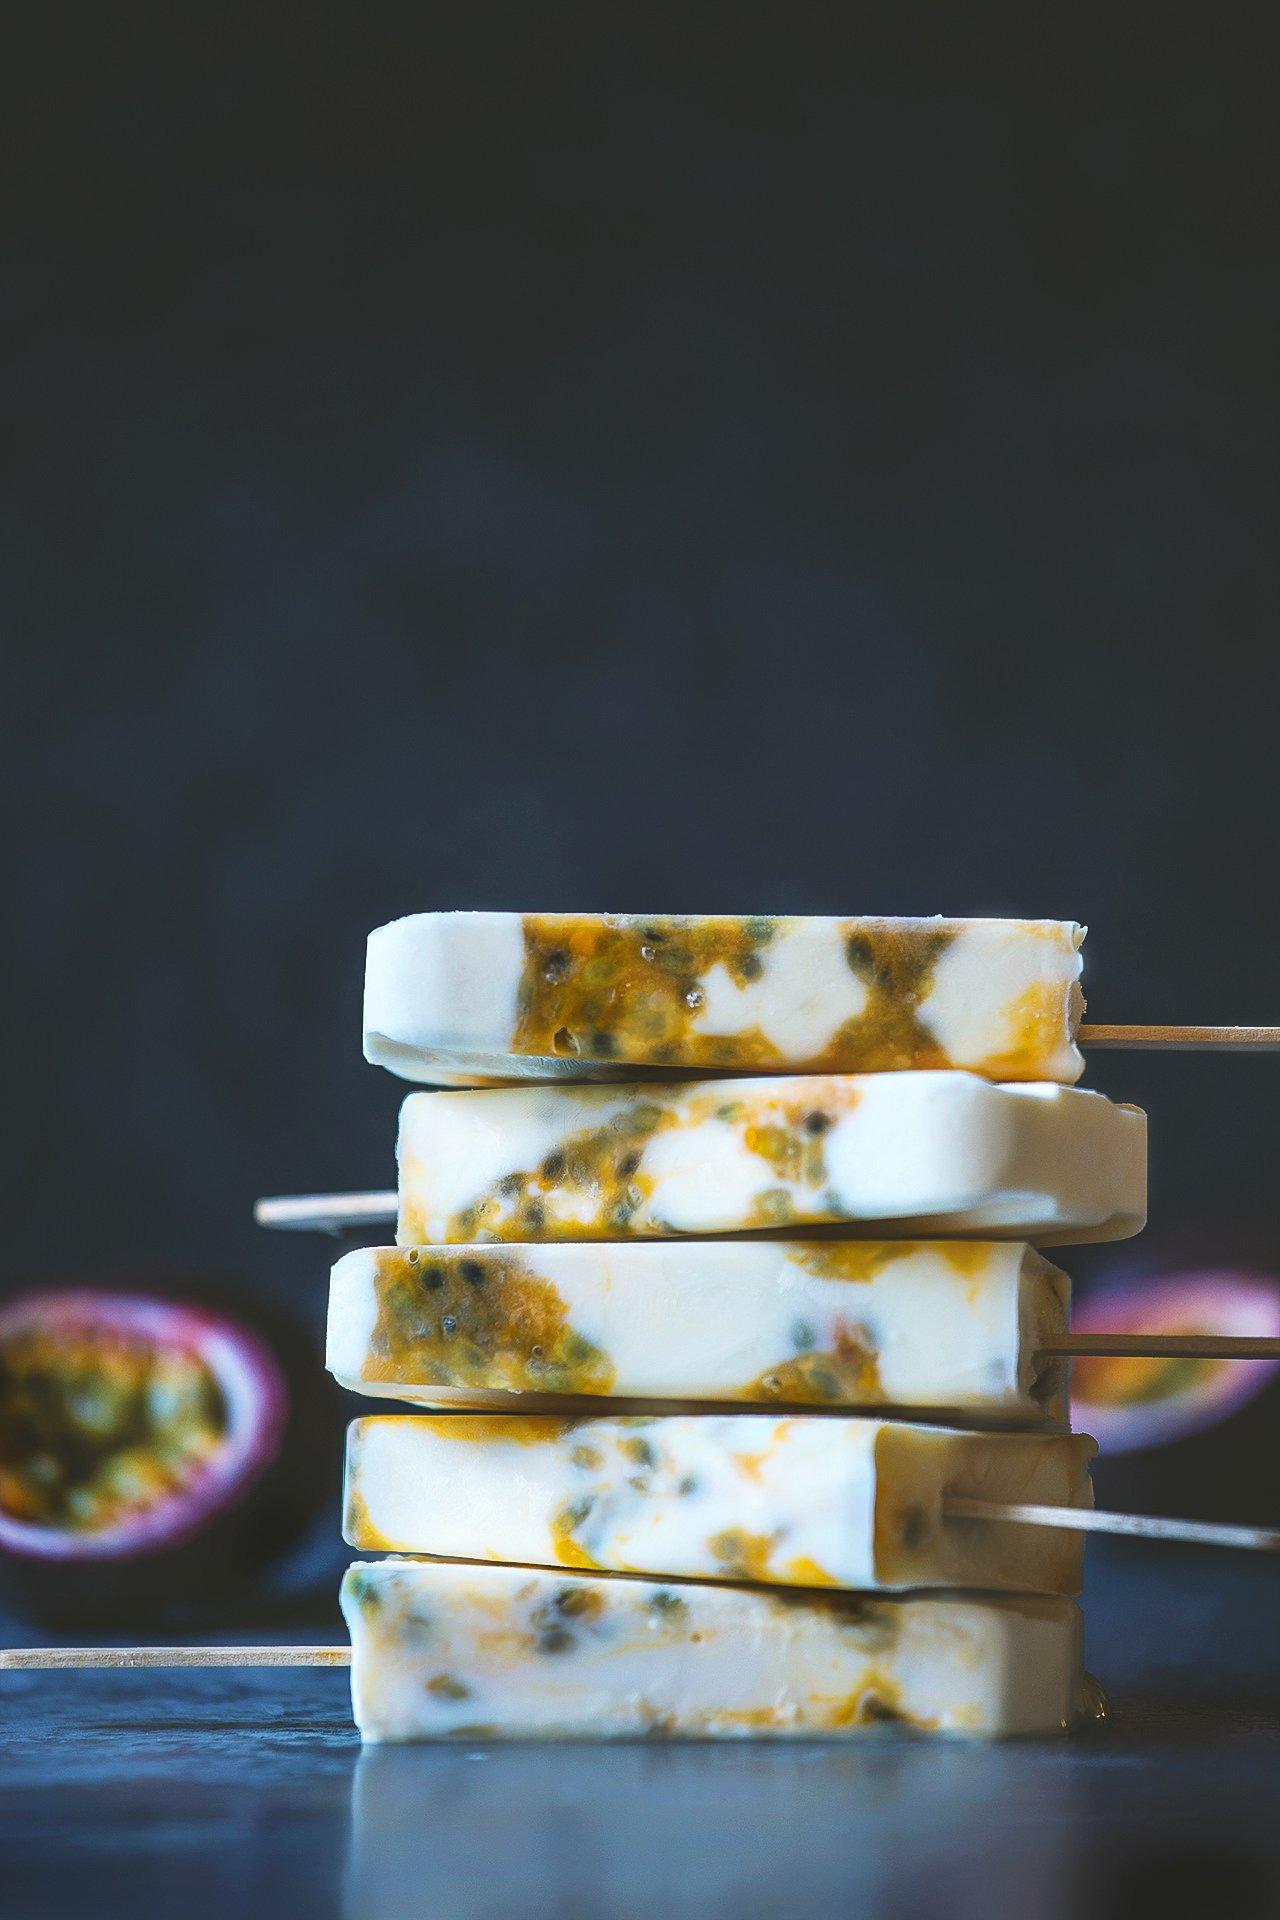 Passionfruit Yogurt Popsicles by HonestlyYUM